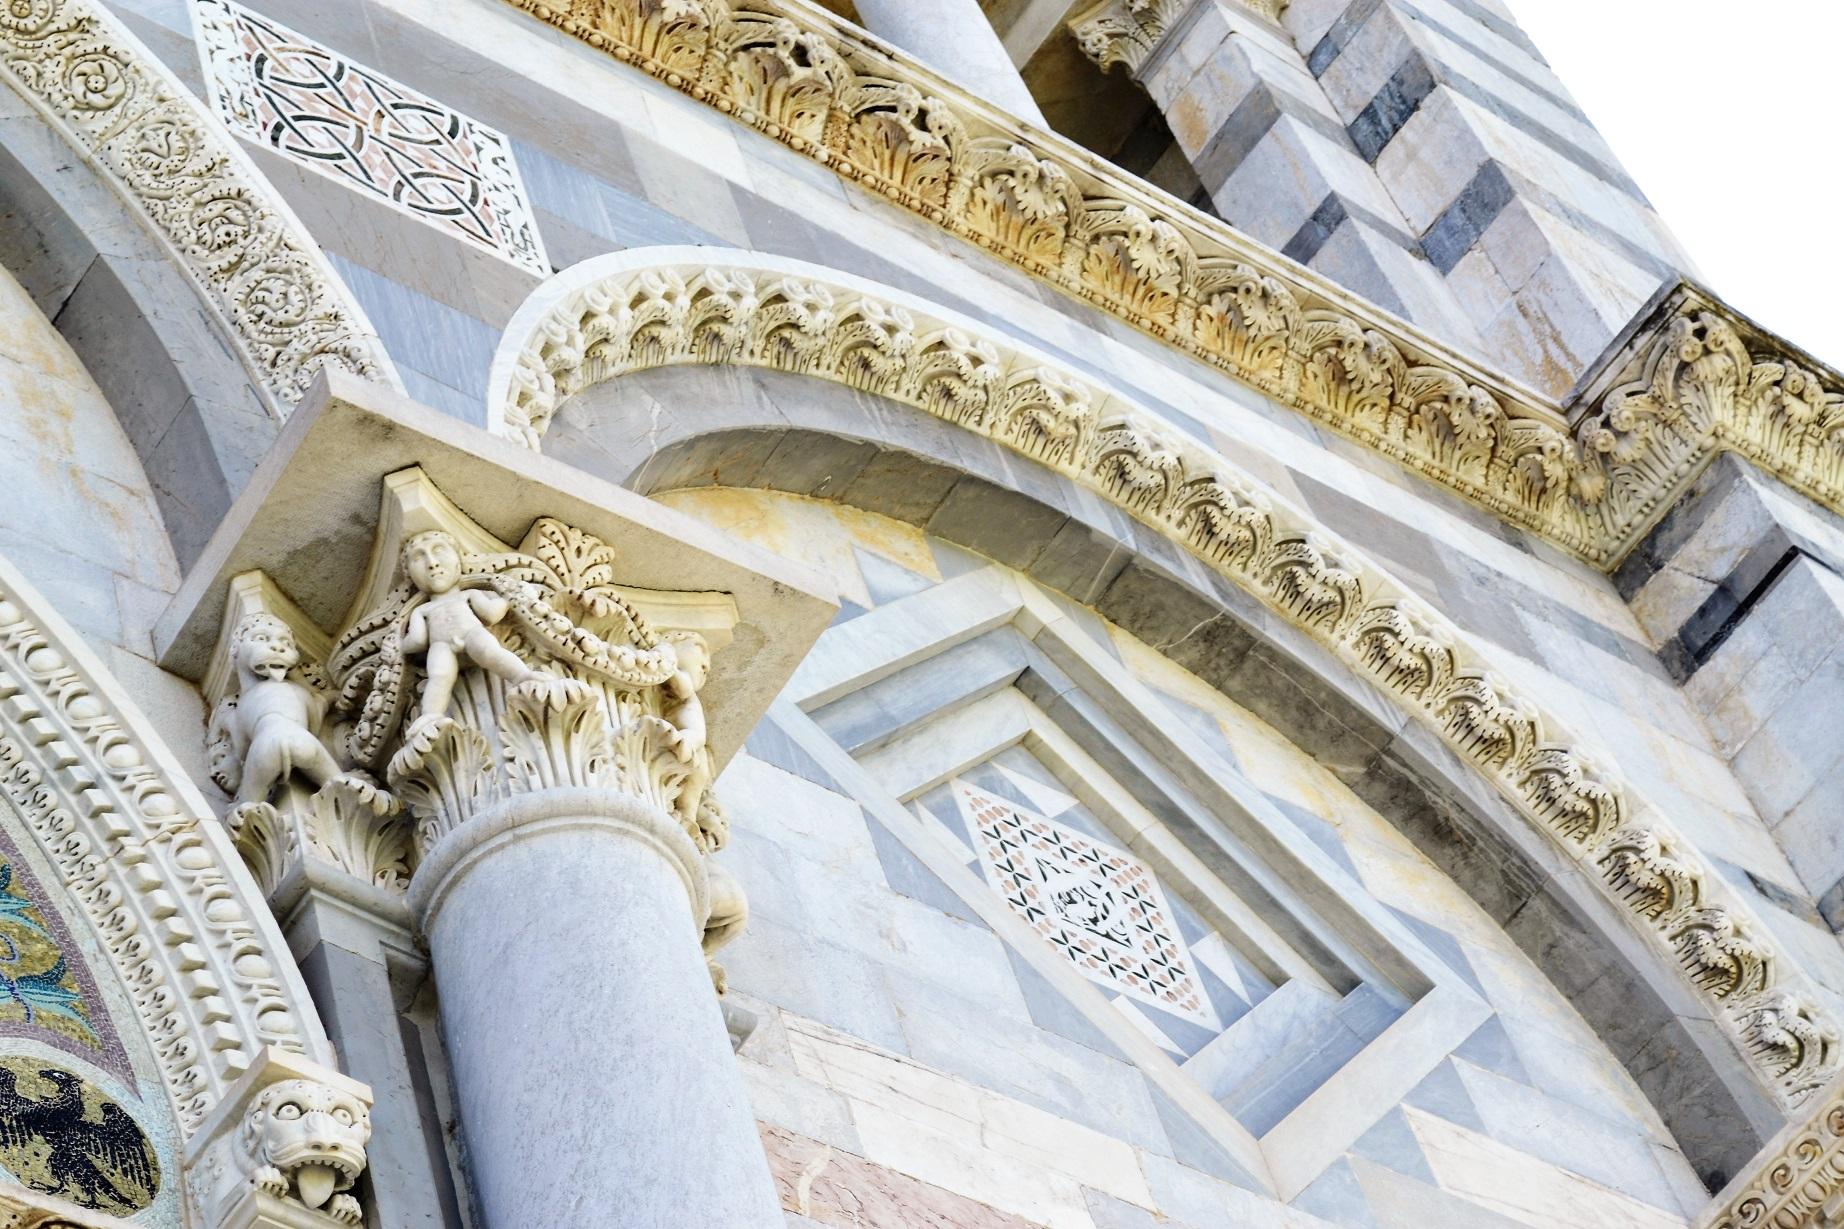 Het klooster van Pisa maakt deel uit van de groep historische gebouwen op het Piazza del Duomo.